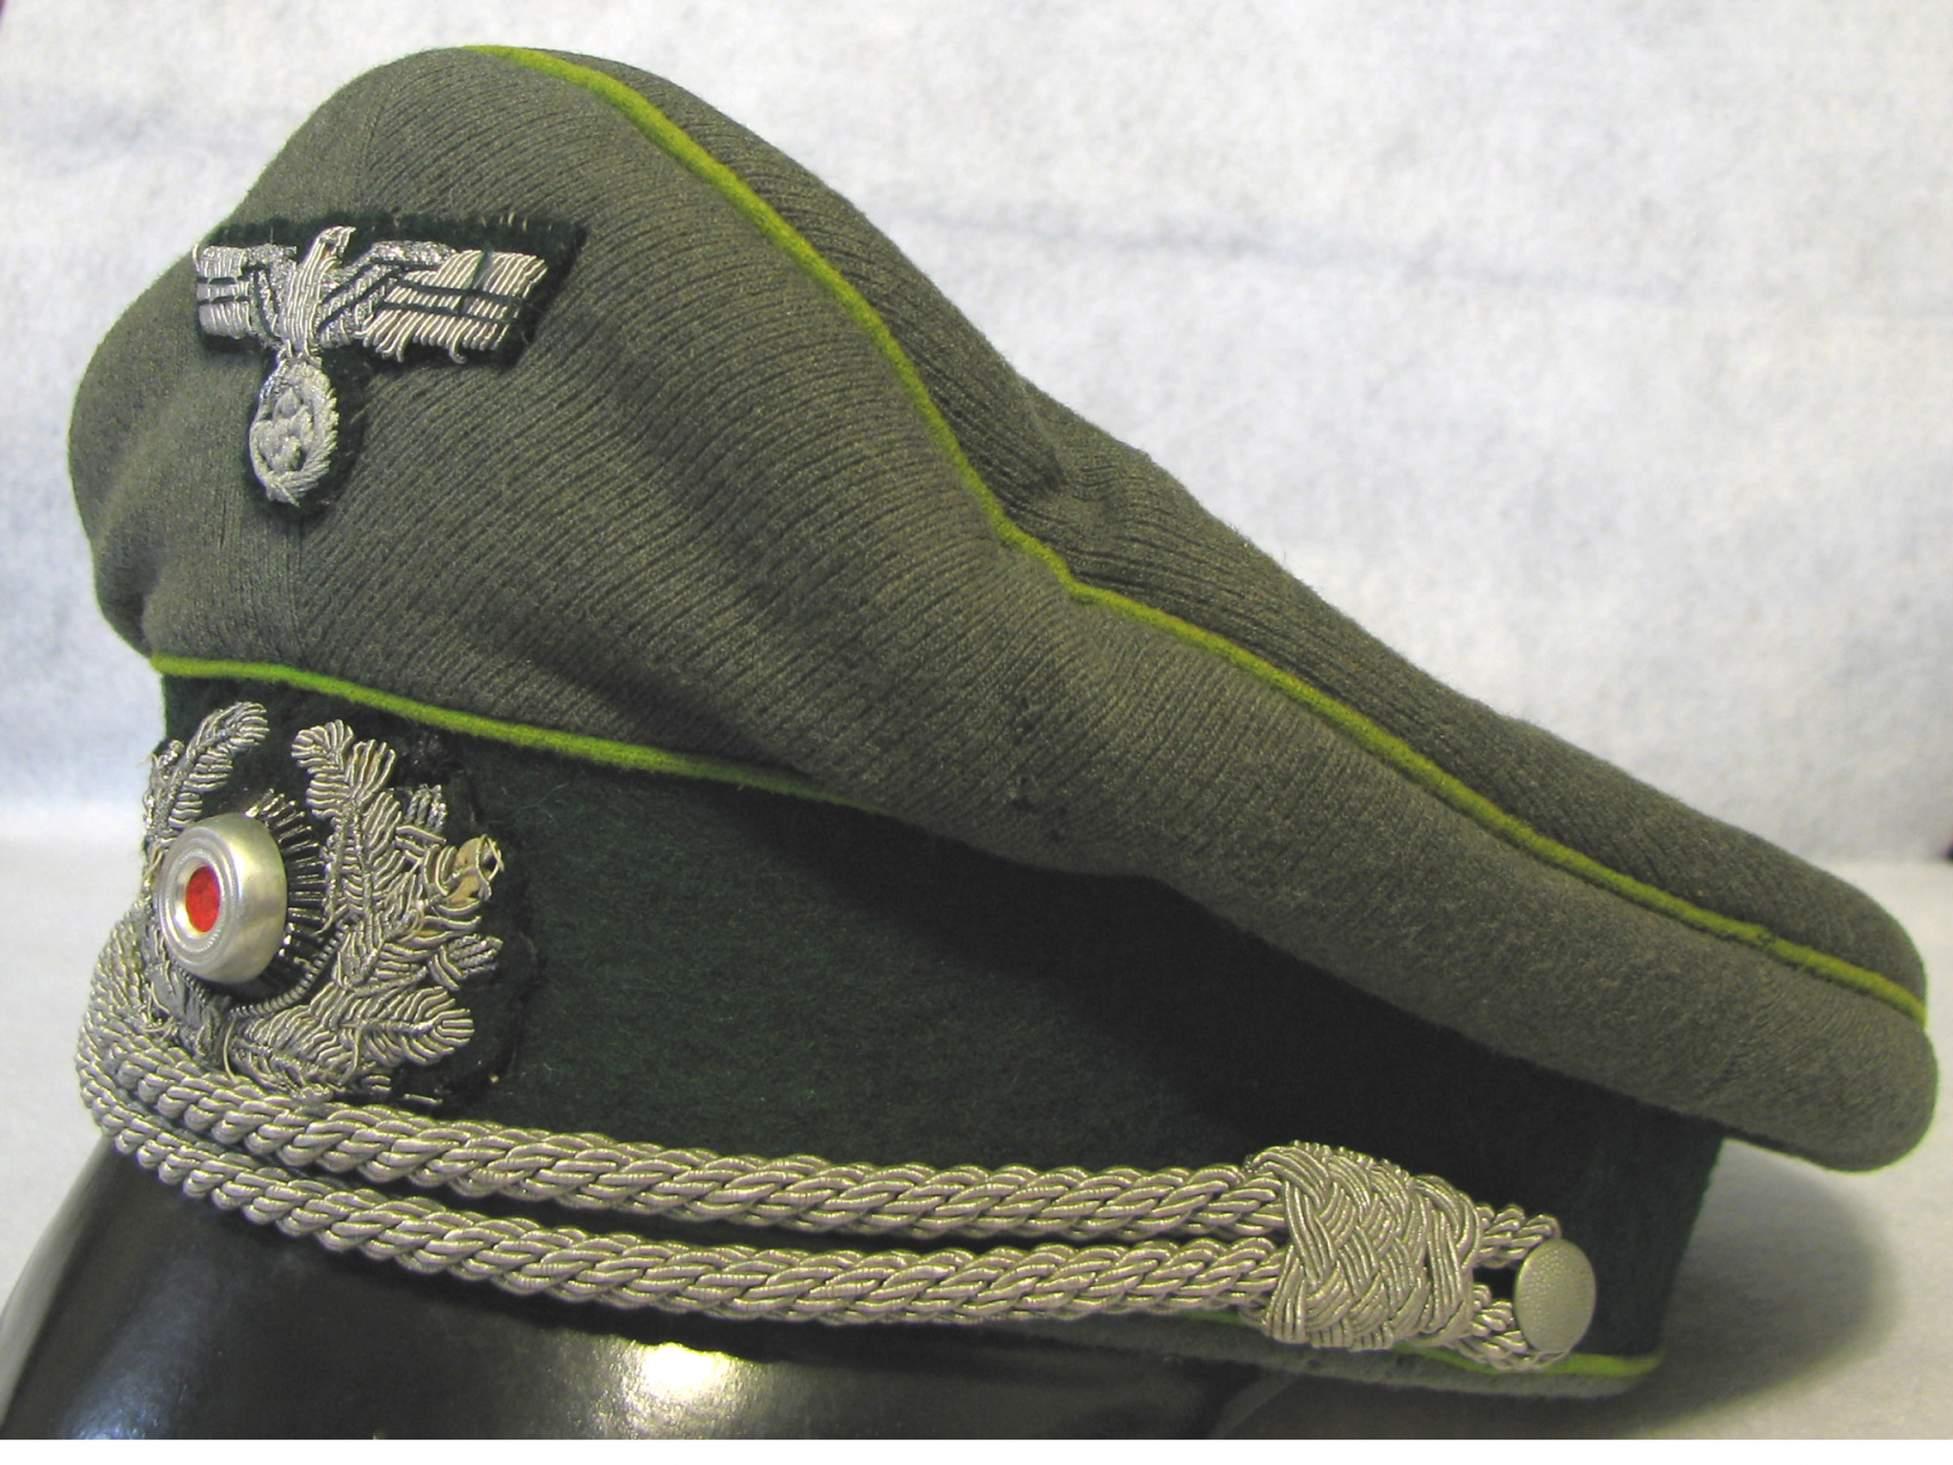 German war officer make order - 2 4